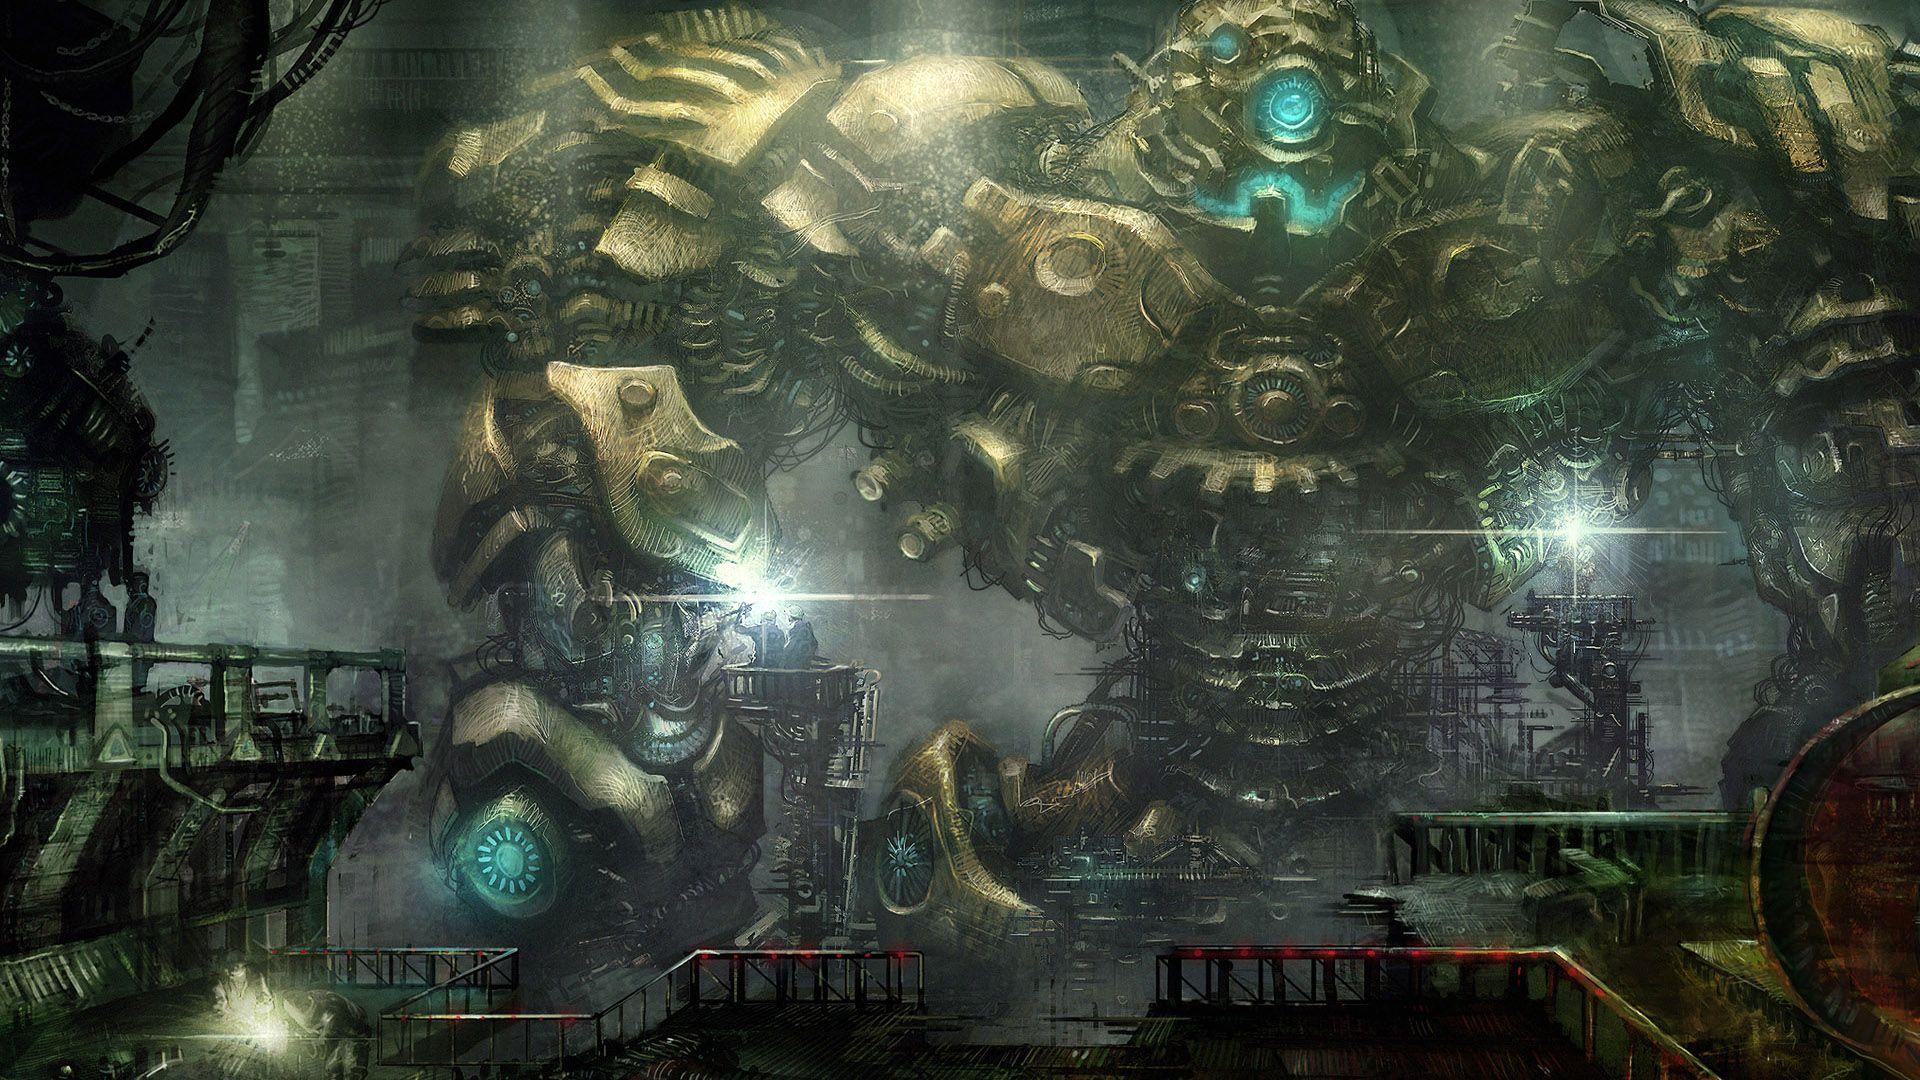 Pin By Rafael Jimenez On Fantasy Steampunk Wallpaper